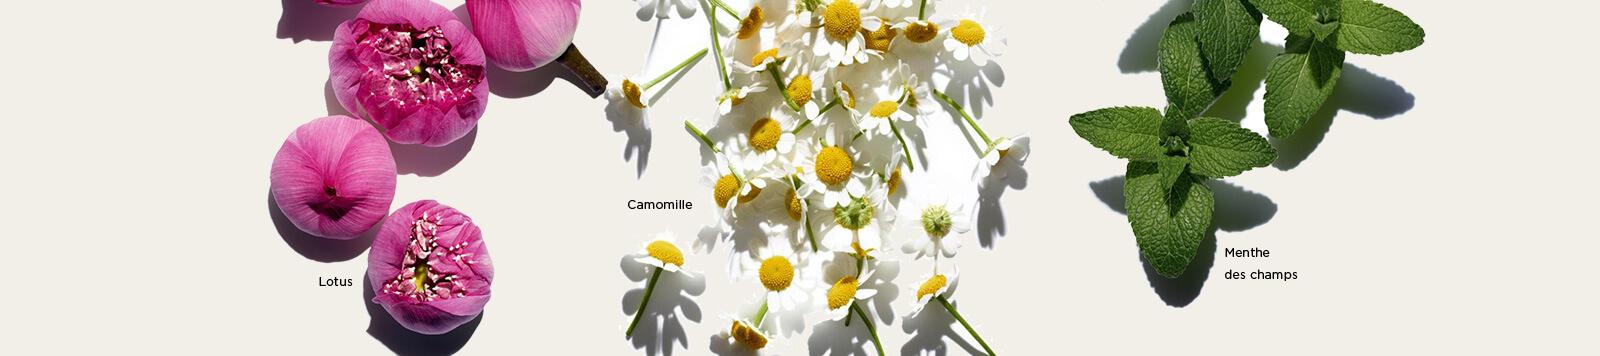 Visuels d'ingrédients Lotus, Camomille et Menthe des Champs.